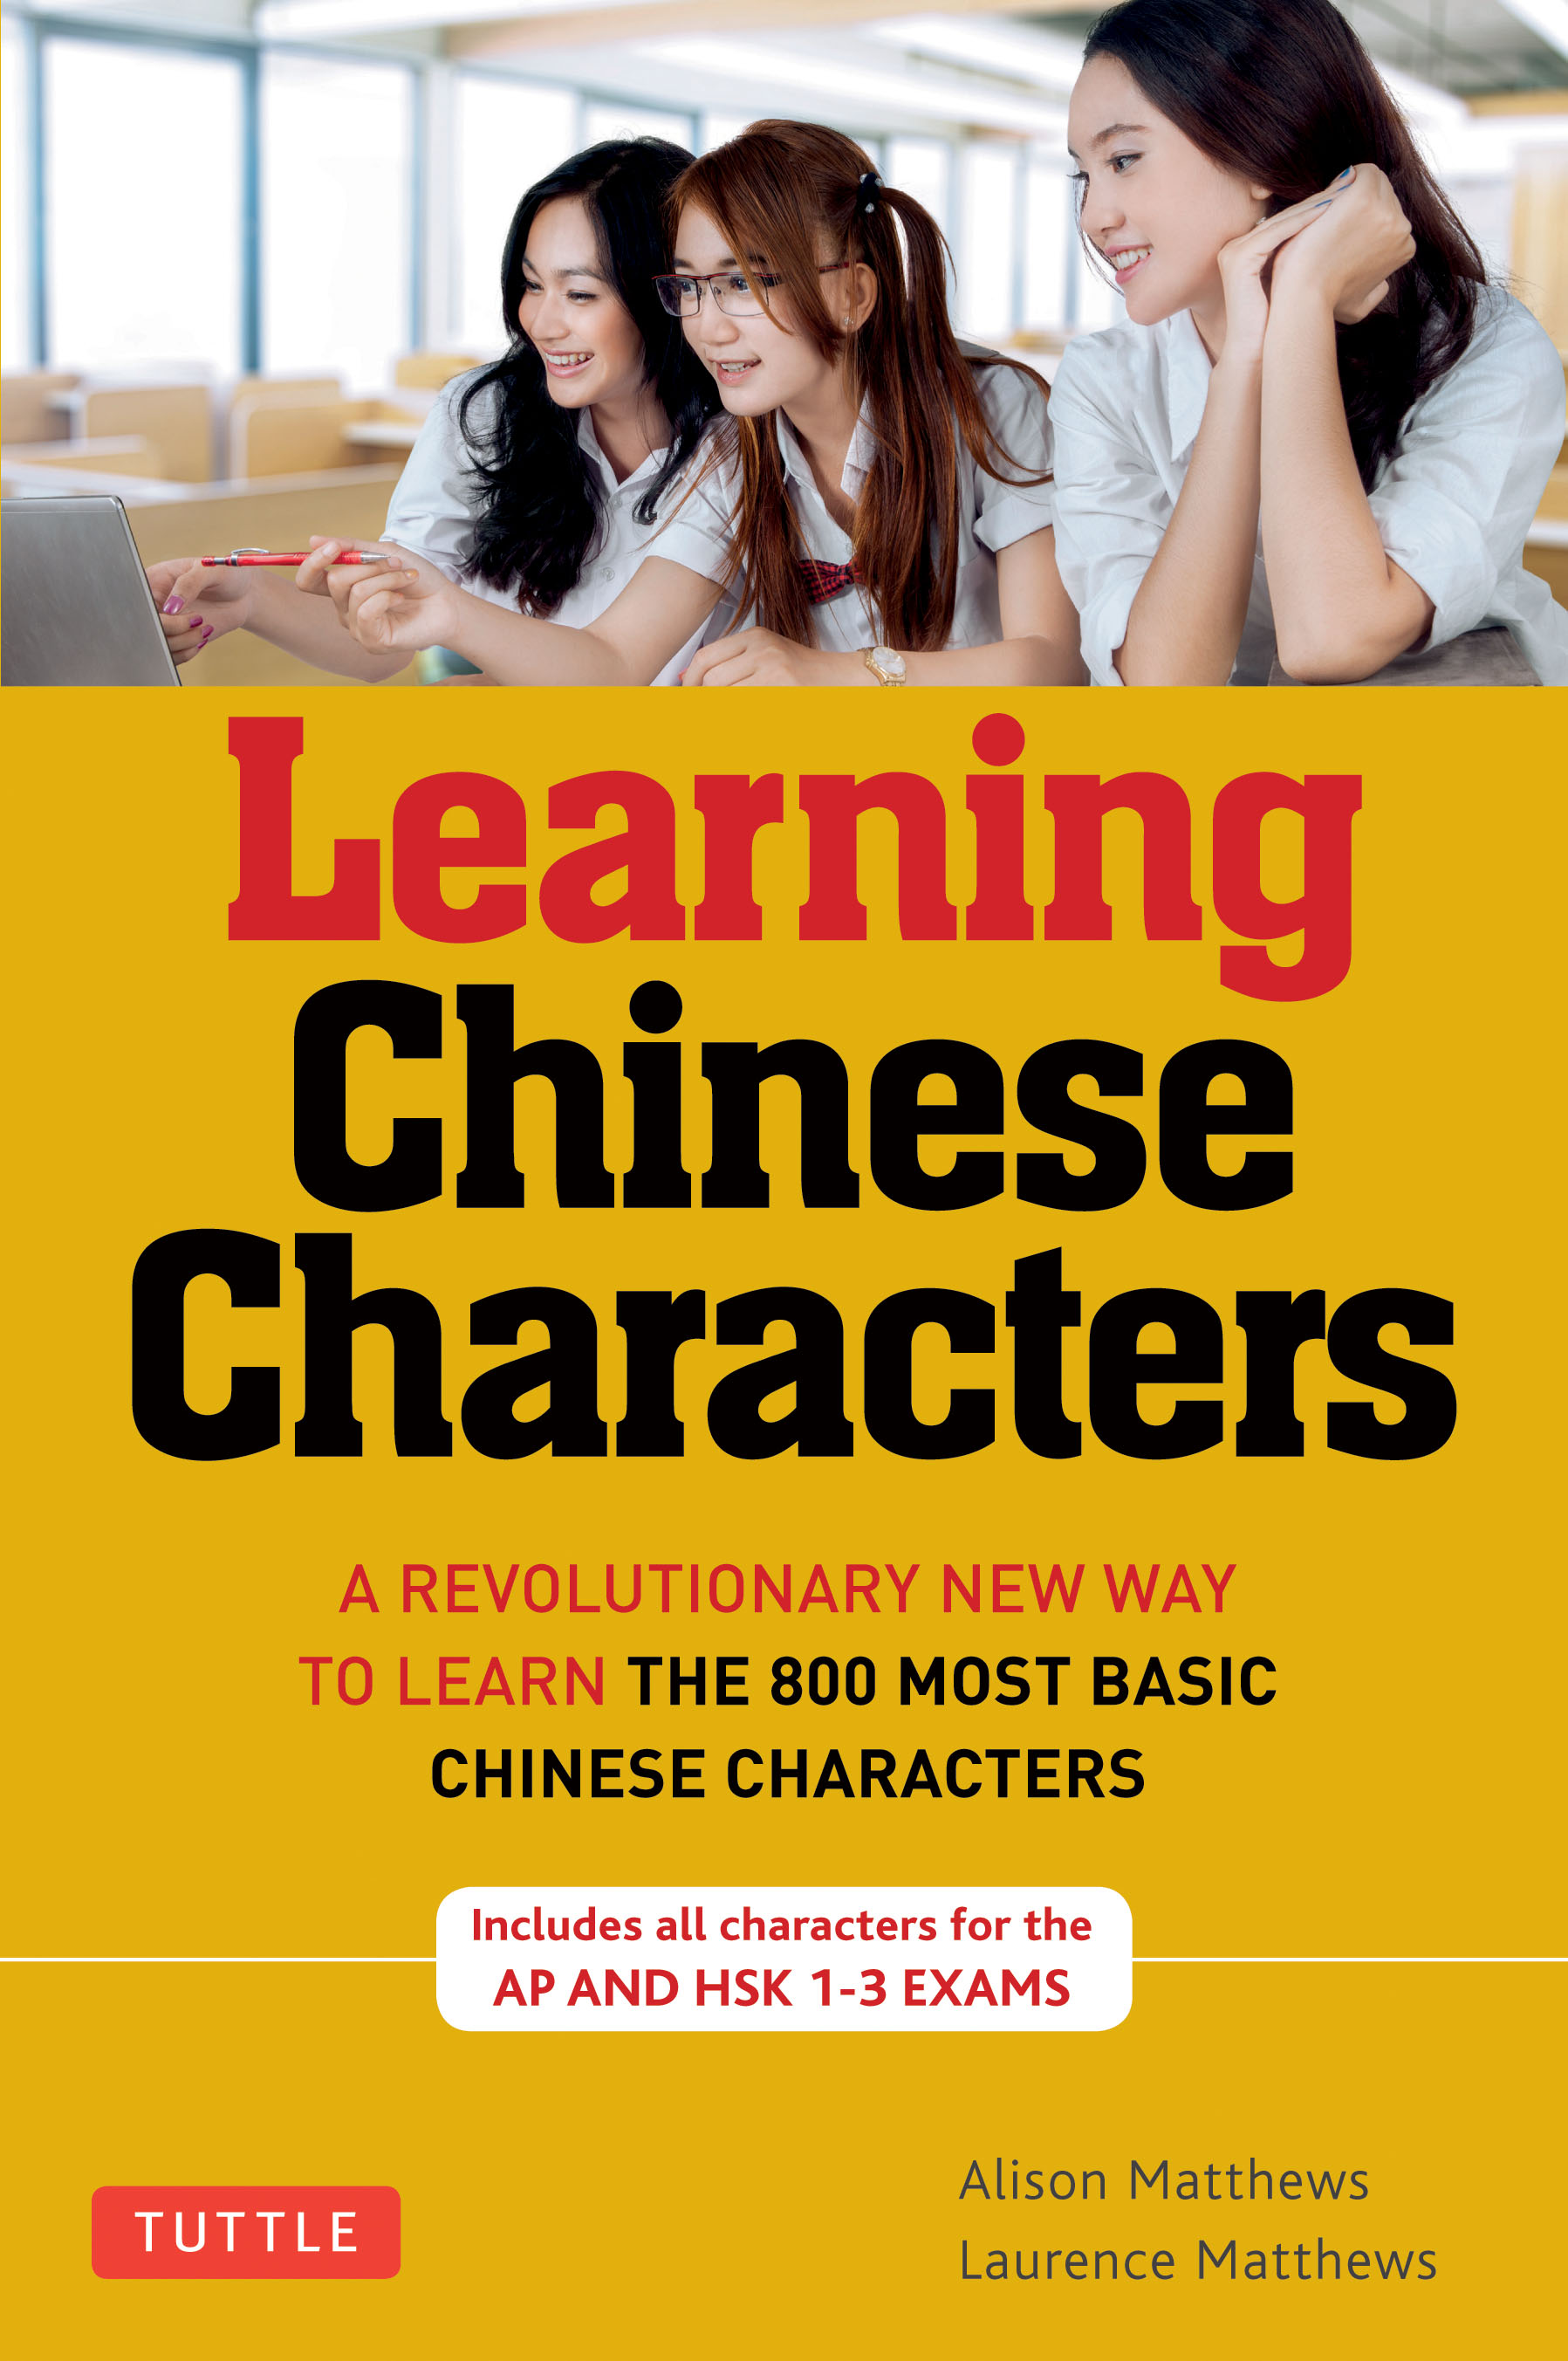 Zhongwen.com - Learn Chinese Characters